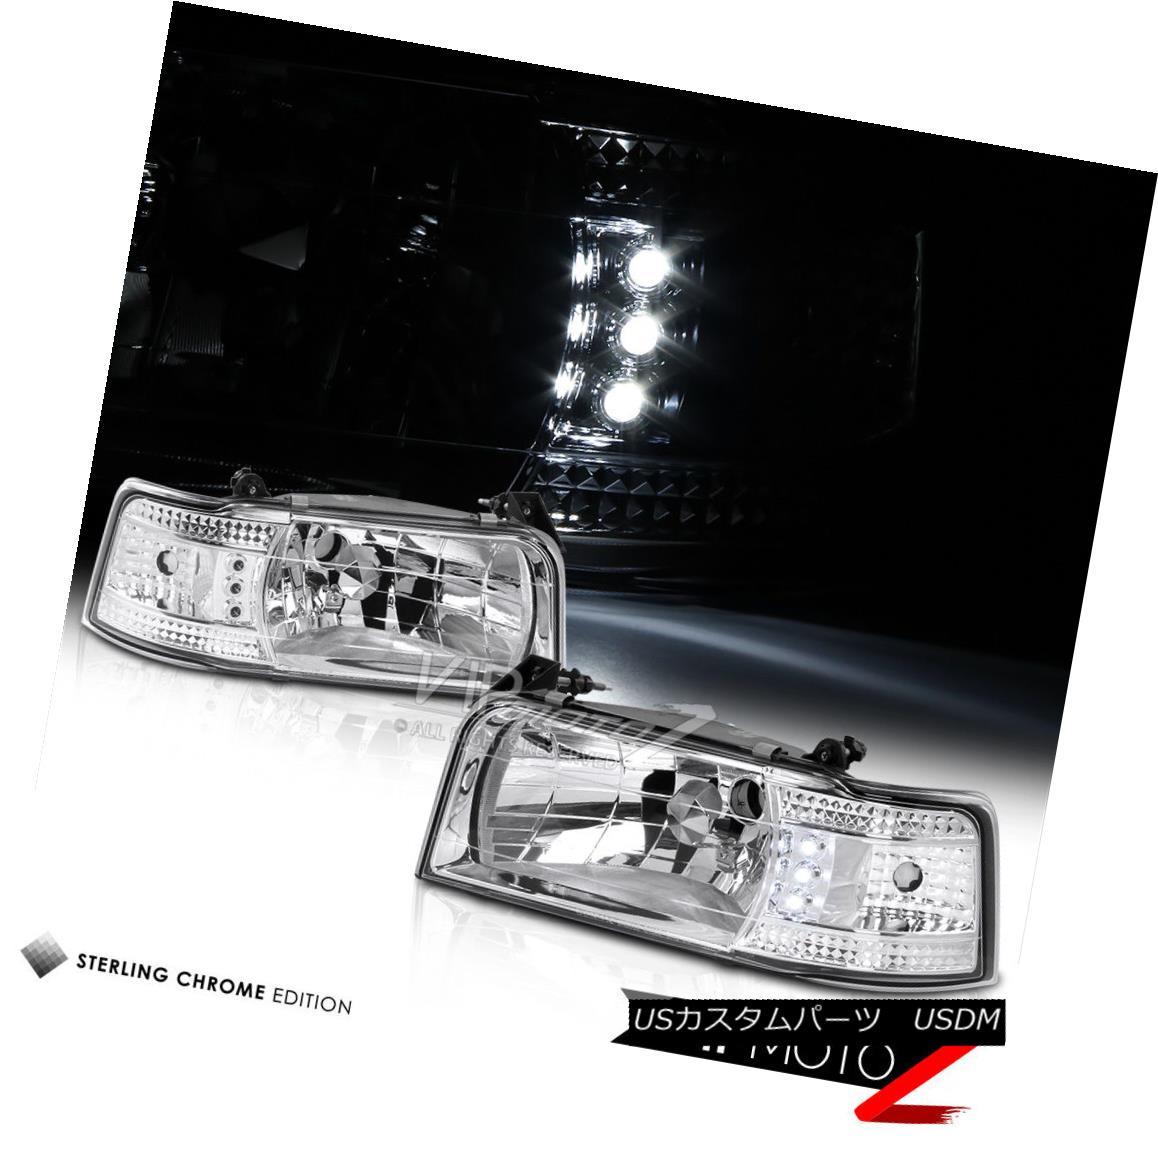 ヘッドライト 1992-1996 Ford F150 F250 F350 Bronco Chrome Factory Style Headlight Corner Lamps 1992-1996 Ford F150 F250 F350 Bronco Chromeファクトリースタイルヘッドライトコーナーランプ